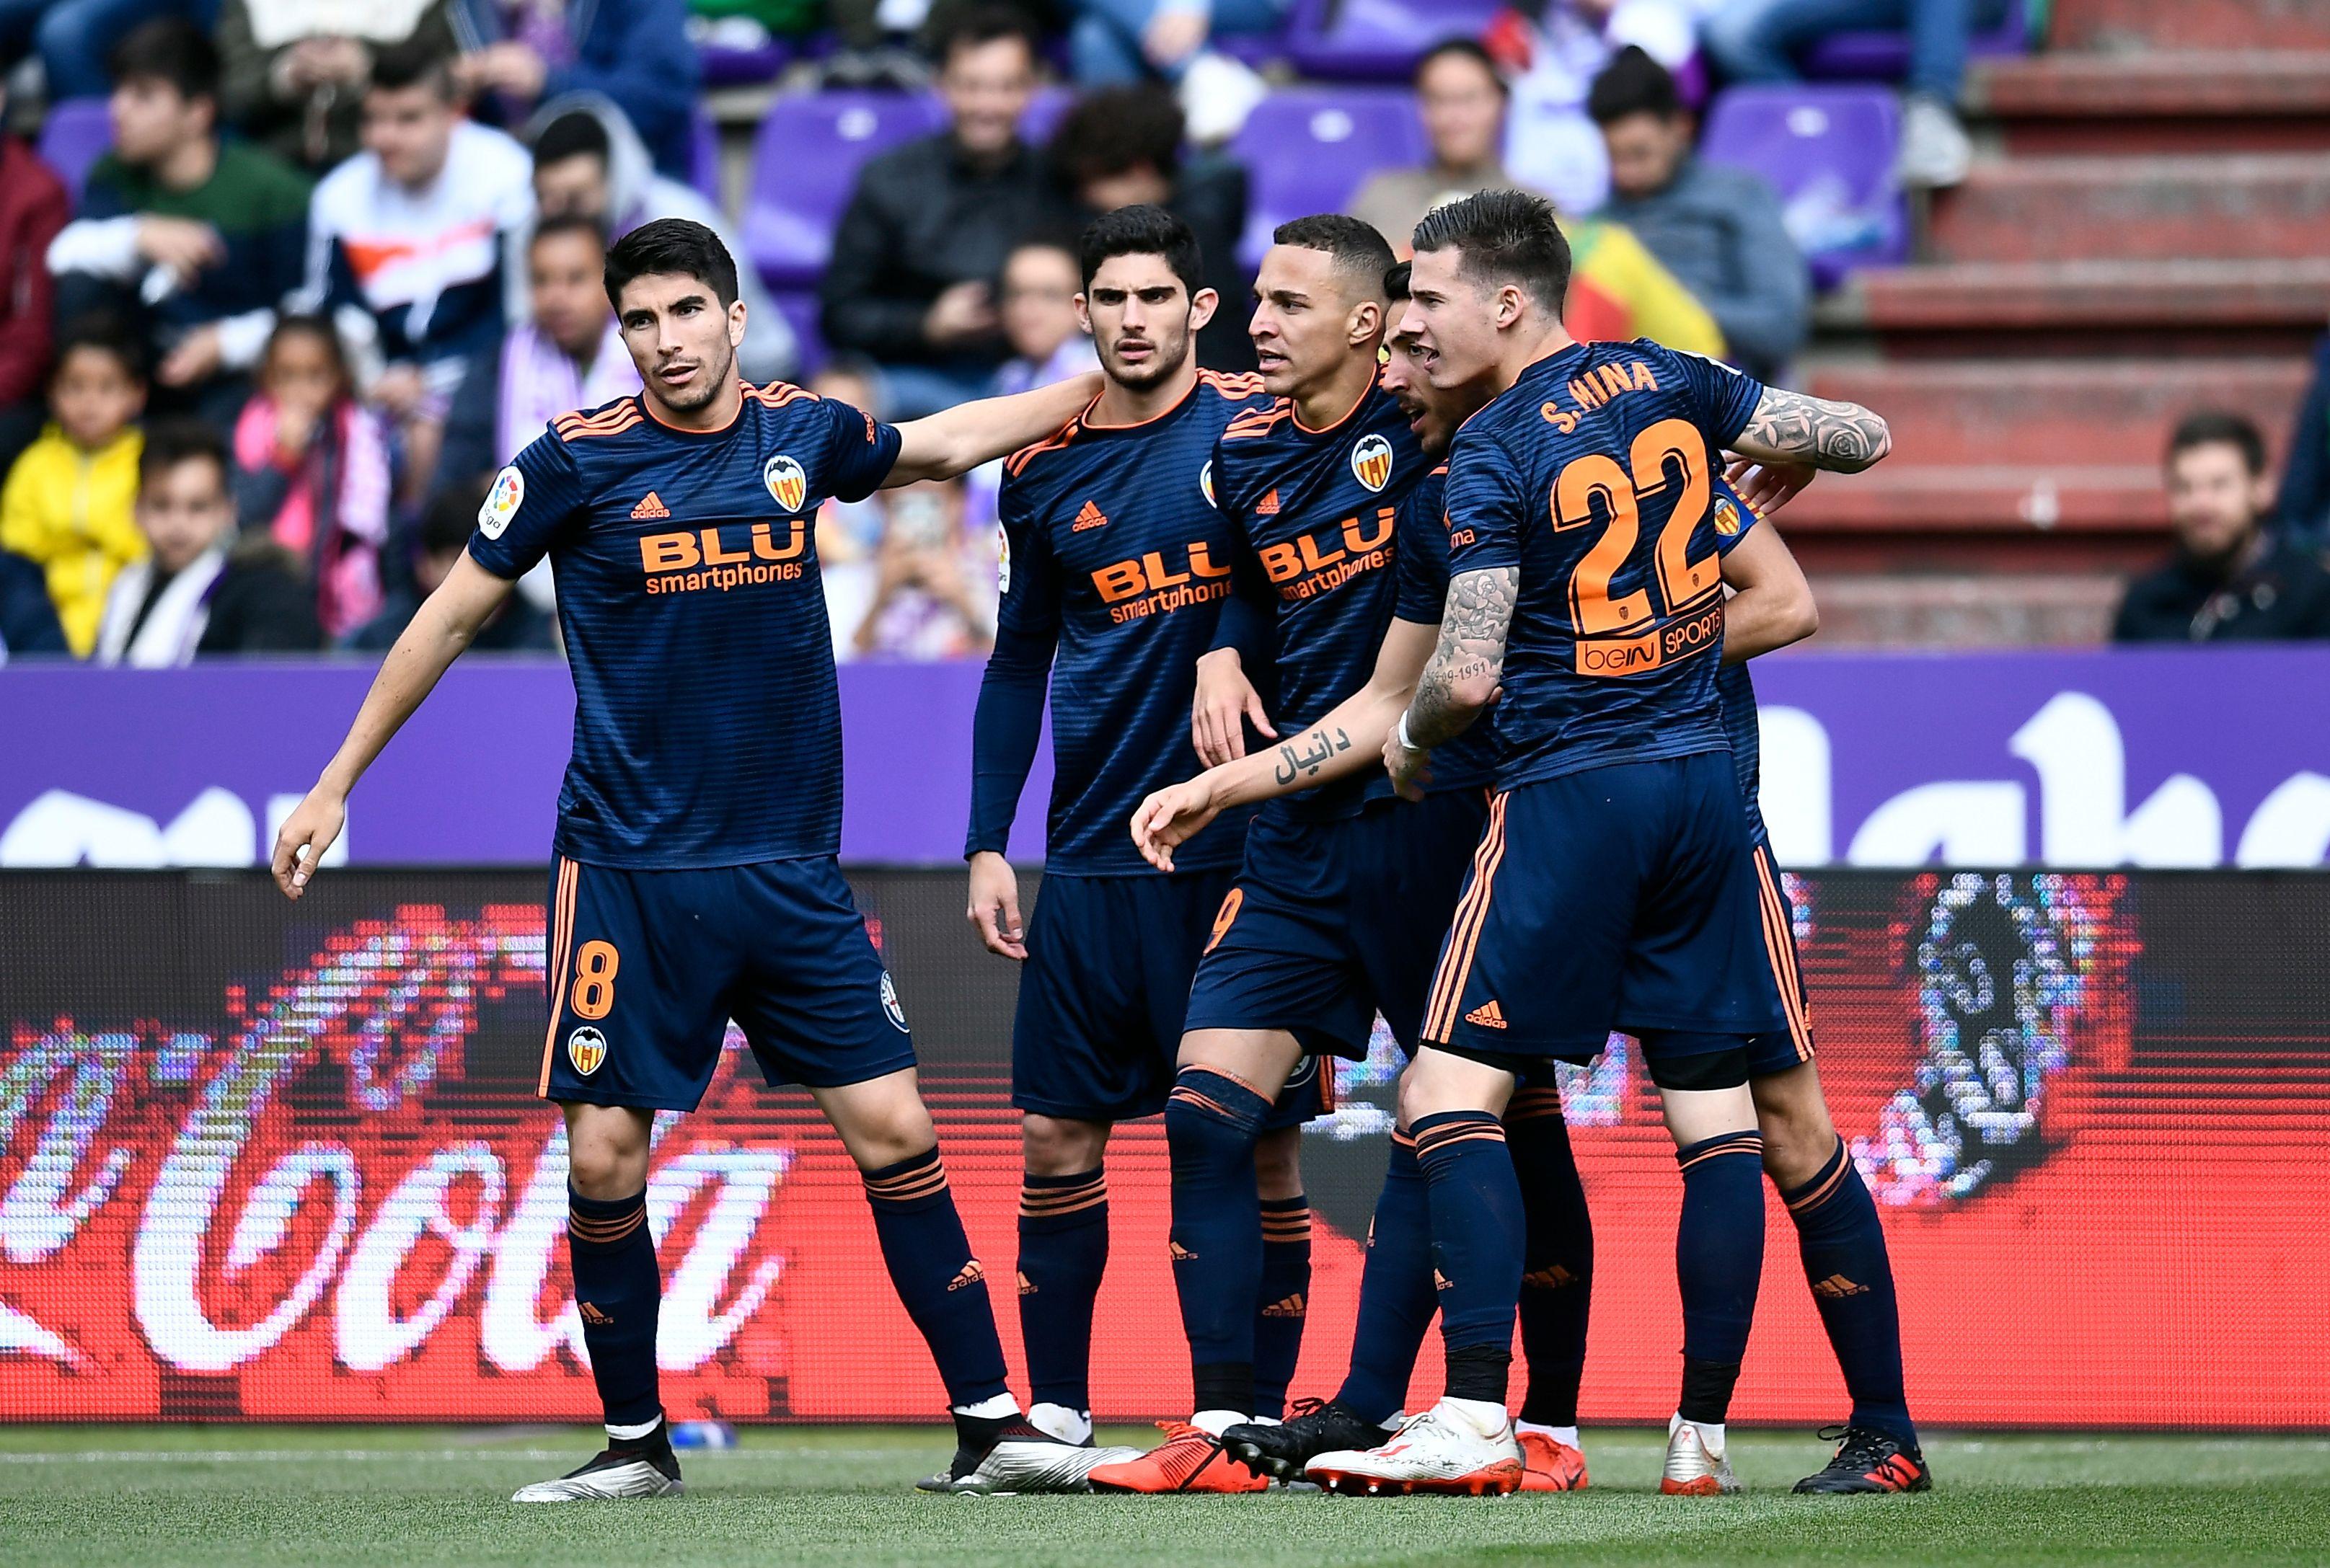 El Valencia venció 2-0 al Real Valladolid y se clasificó para la próxima Liga de Campeones. (Foto Prensa Libre: AFP).